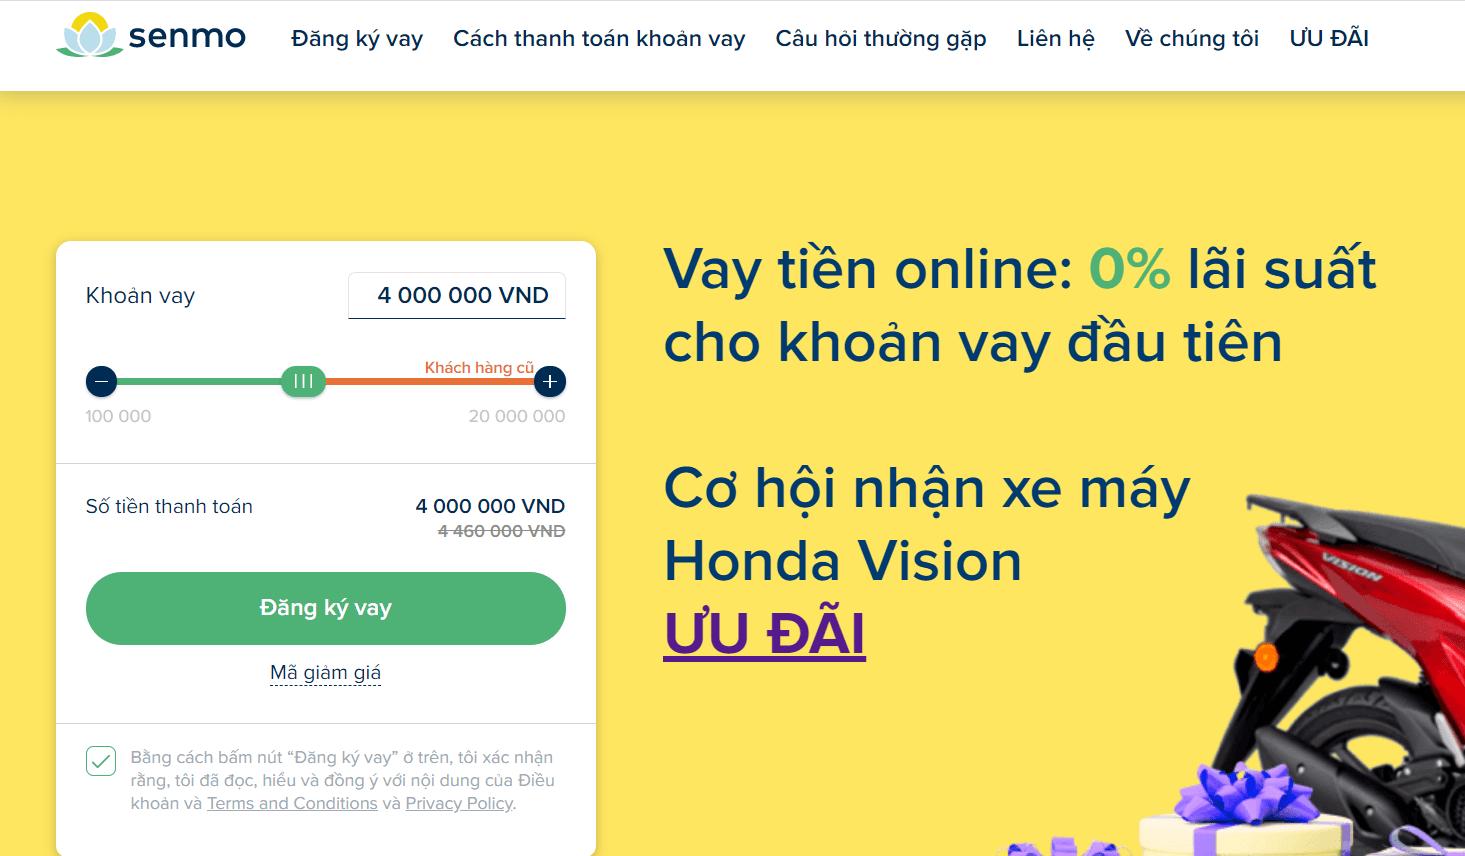 vay tiền qua web